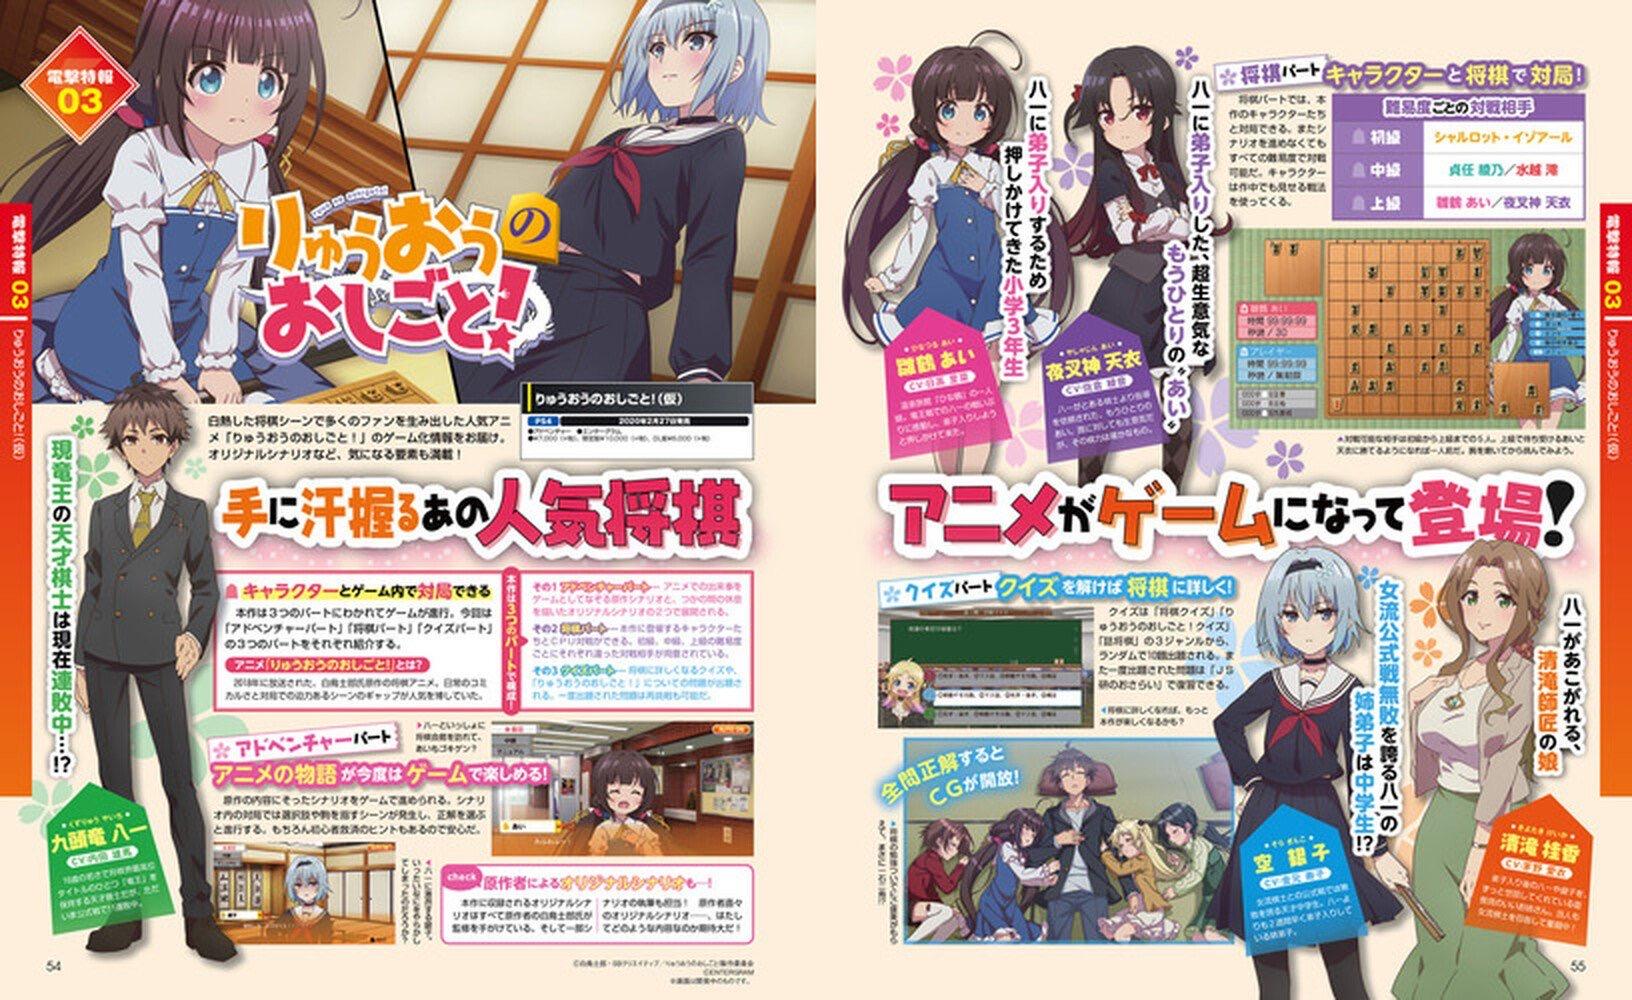 Ryuuou-no-Shigoto-PS4_10-25-19.jpg